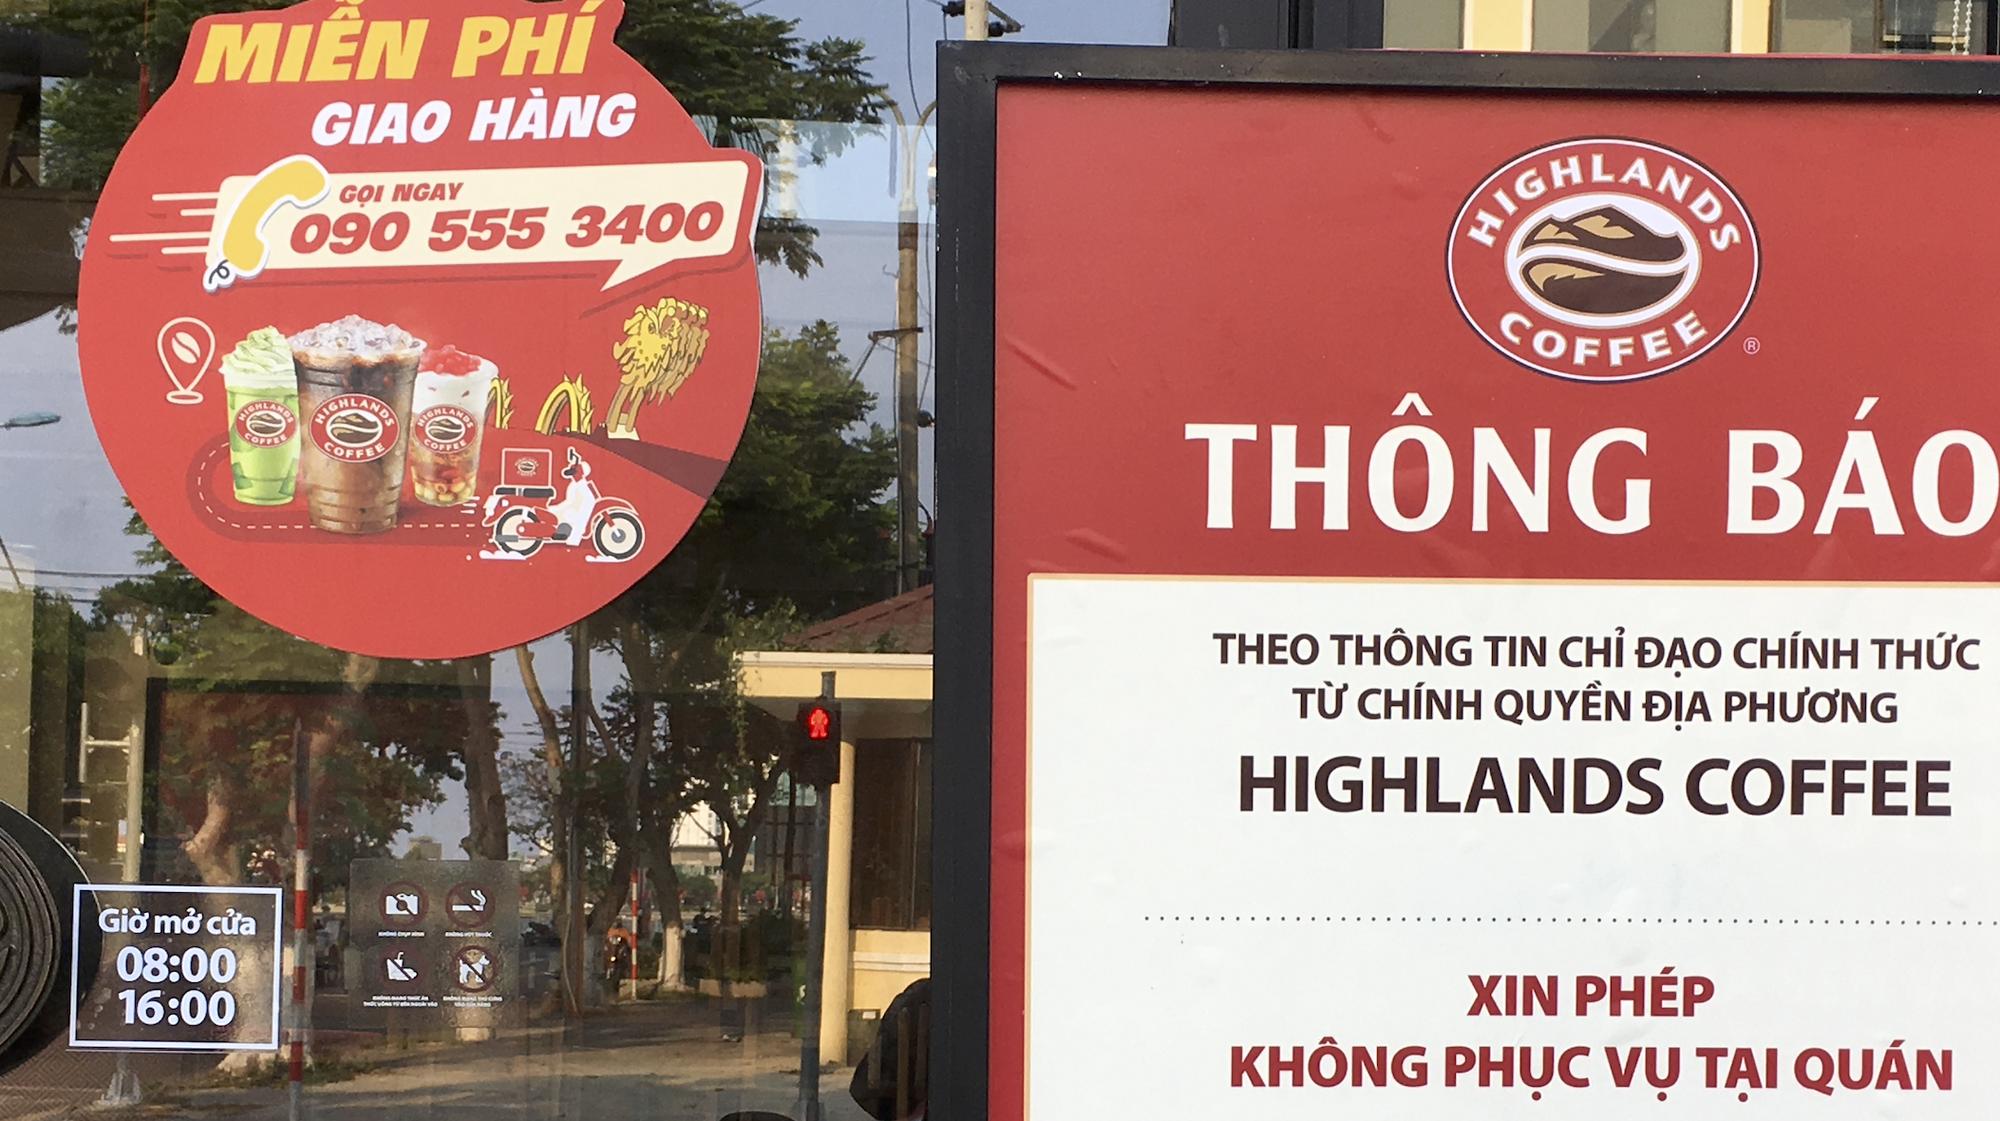 Người Đà Nẵng đi siêu thị mua về nấu ăn dù chính quyền đã cho hàng quán bán online, mang về nhà - Ảnh 6.